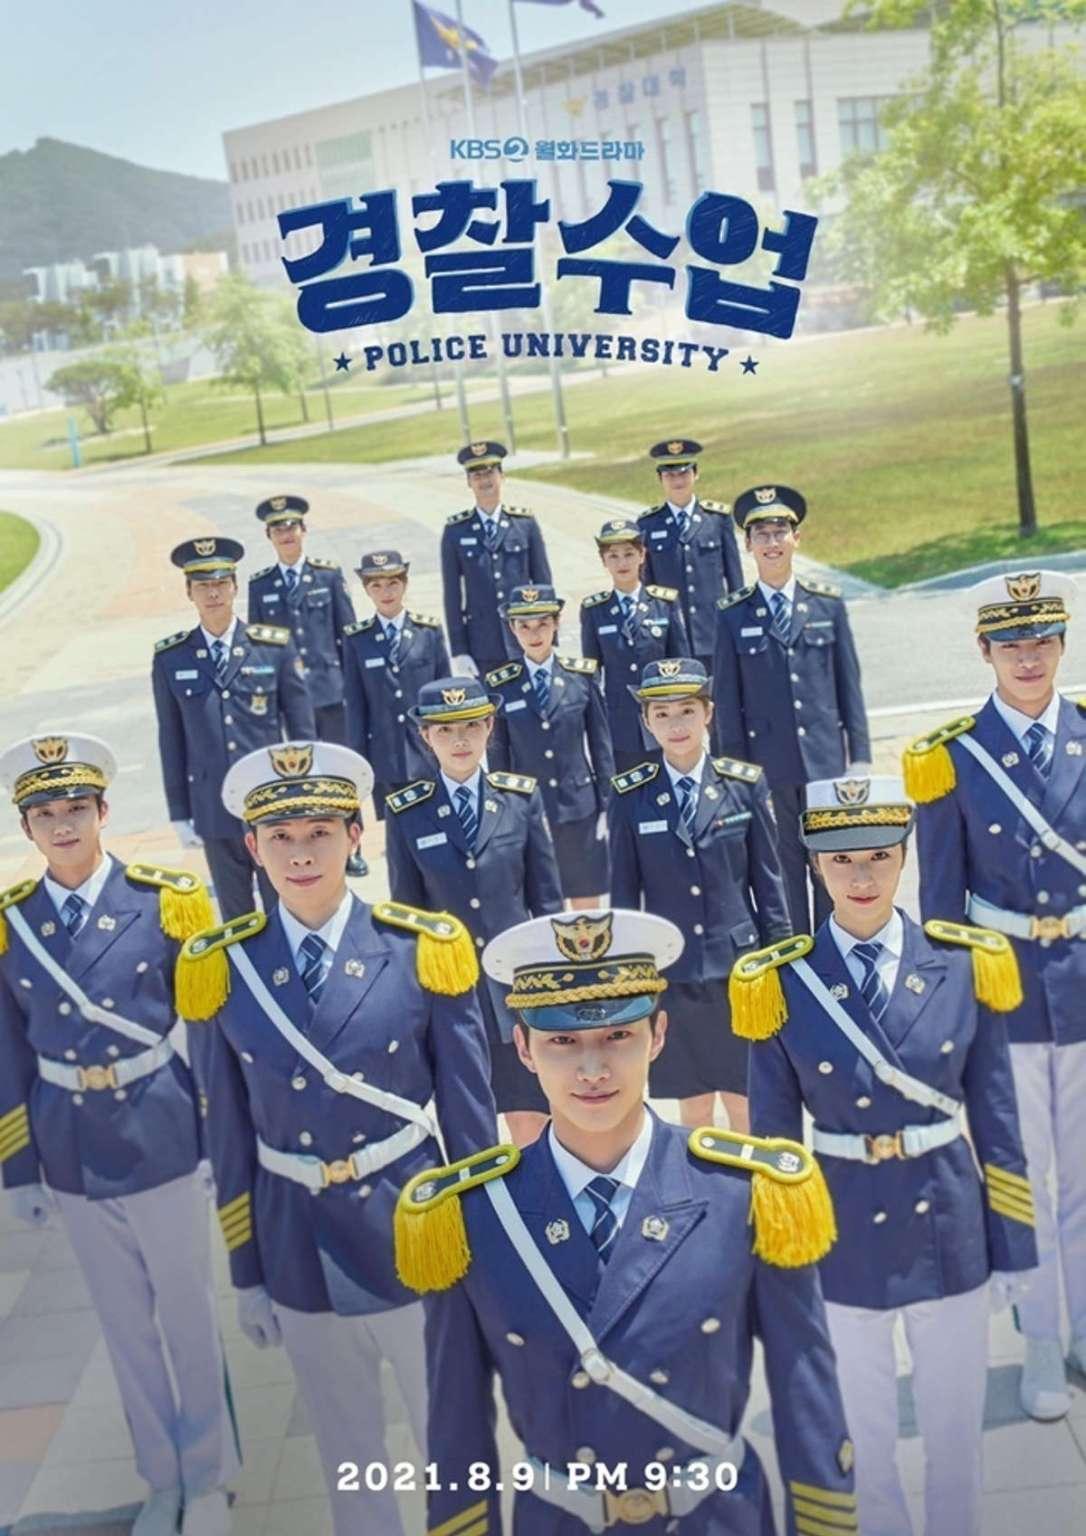 เรื่องย่อซีรีส์ : Police University